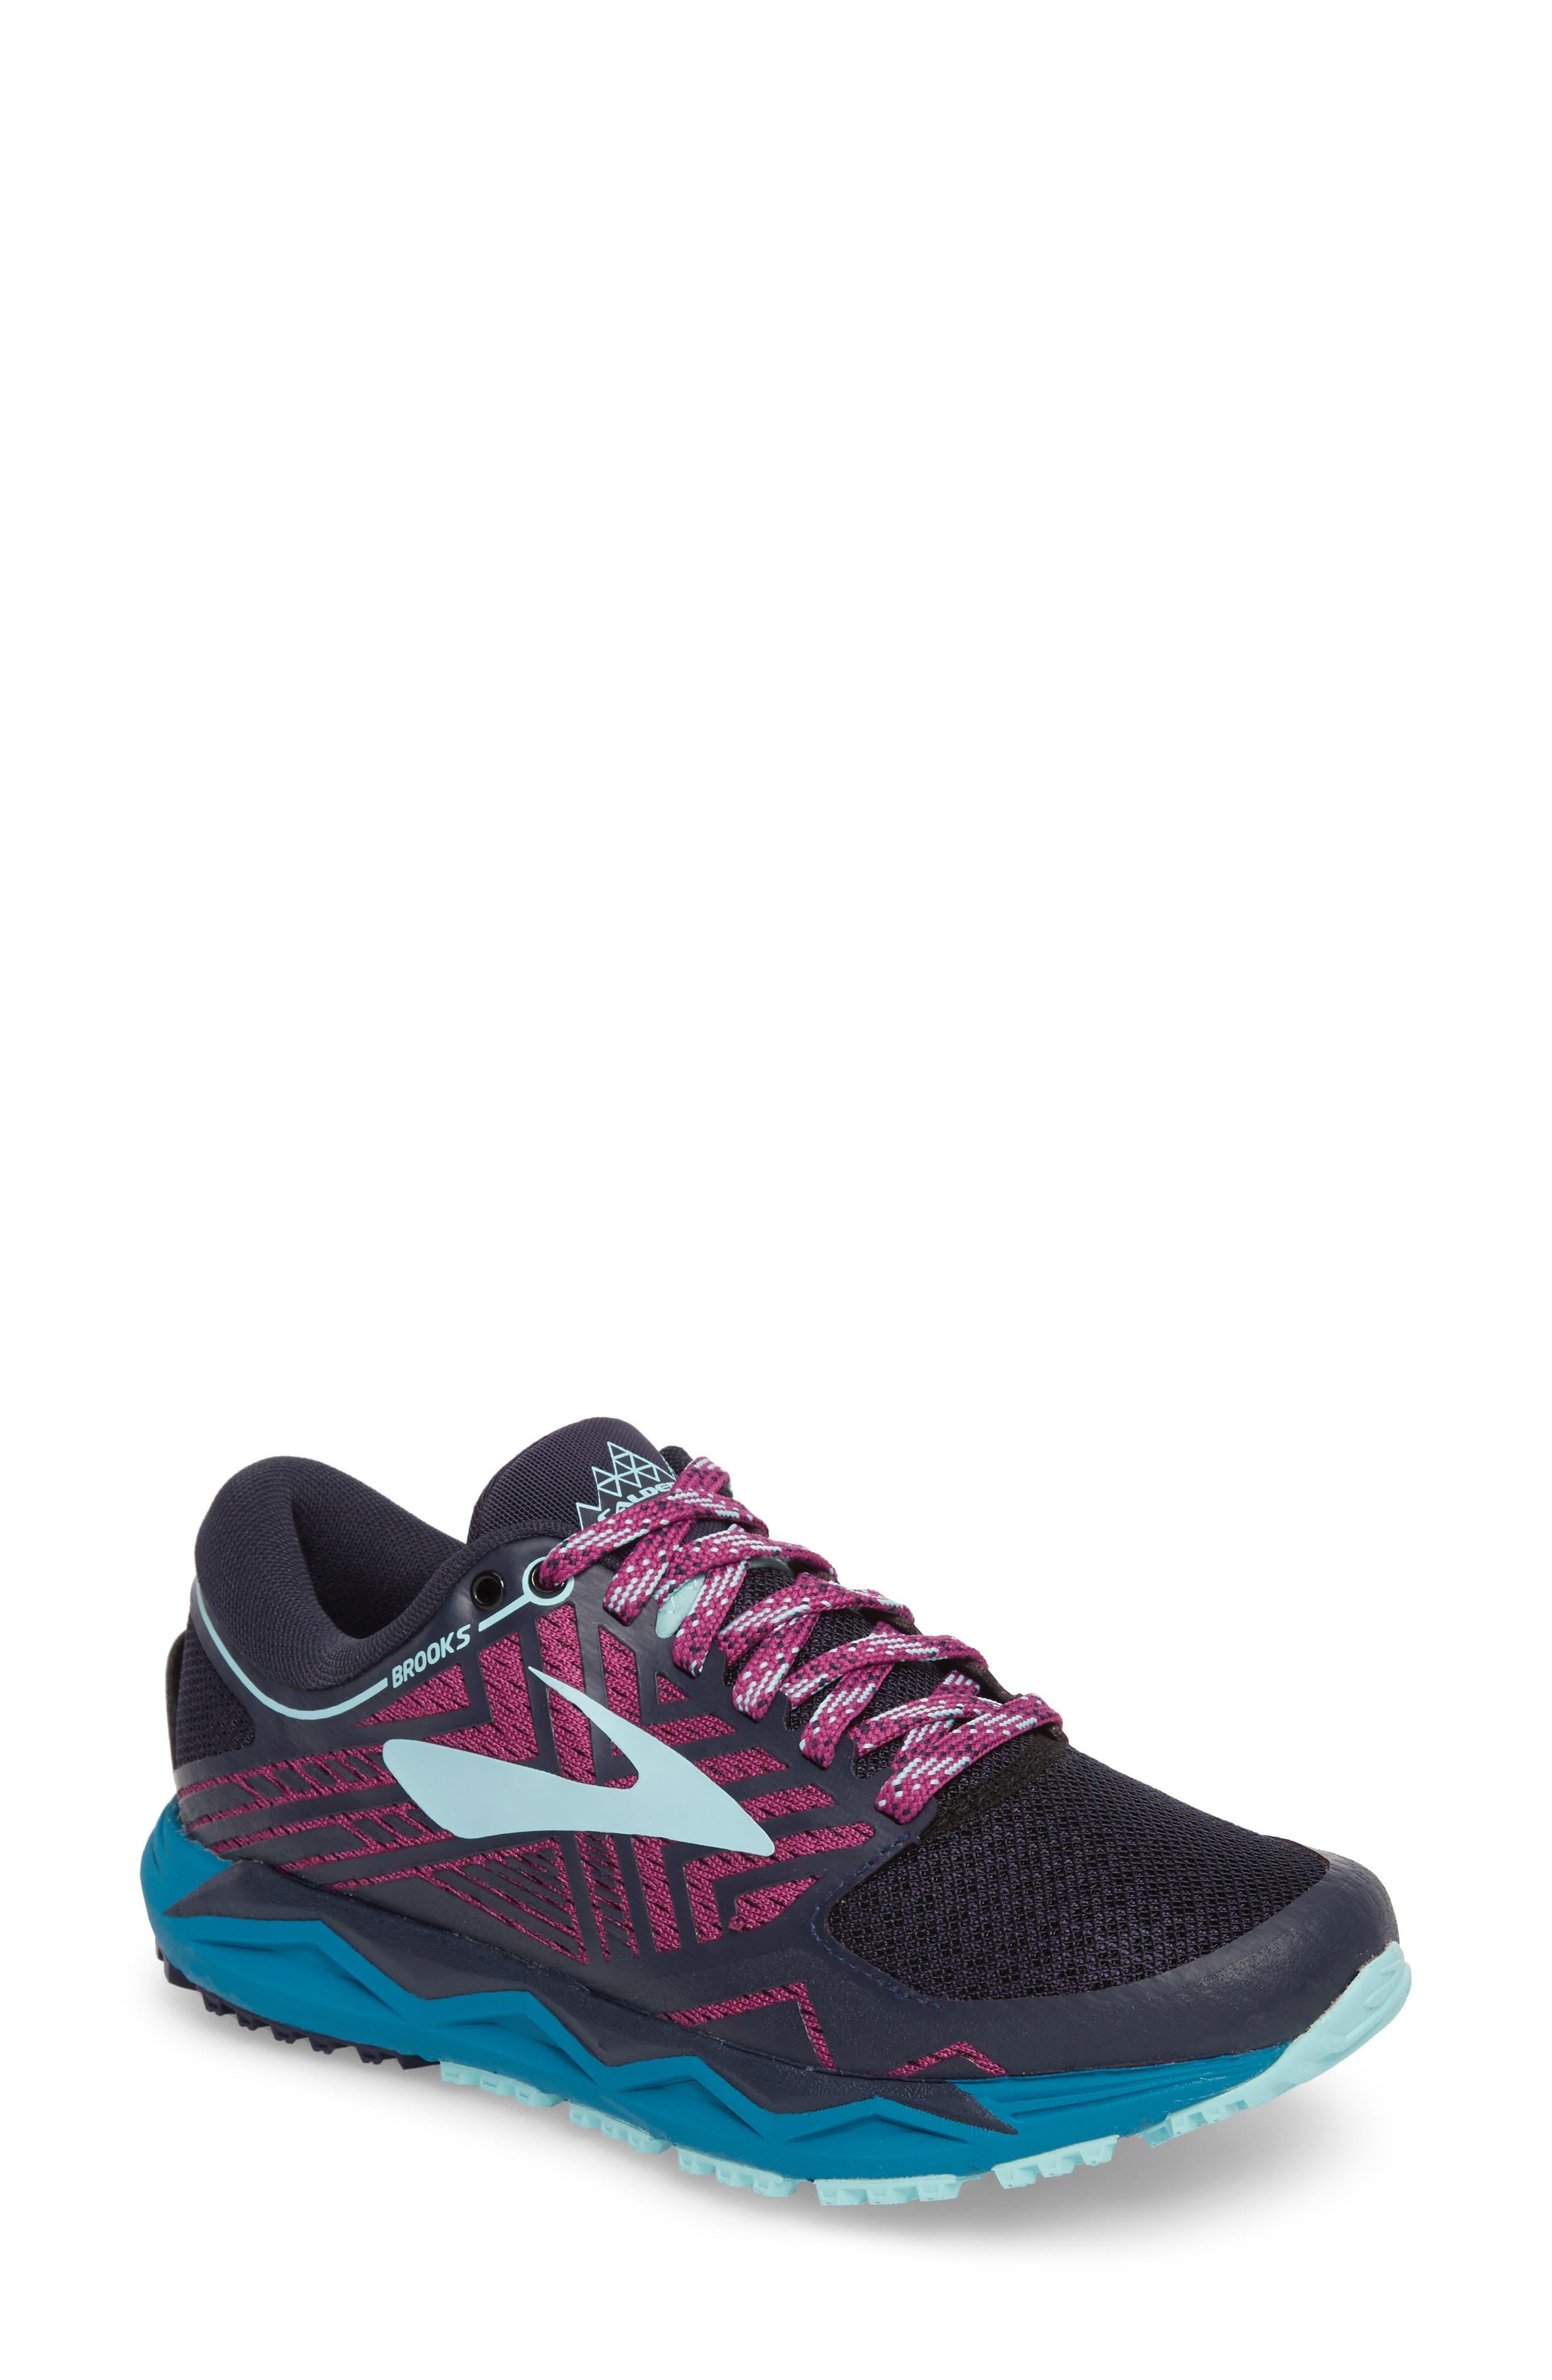 Main Image - Brooks Caldera 2 Trail Running Shoe (Women)